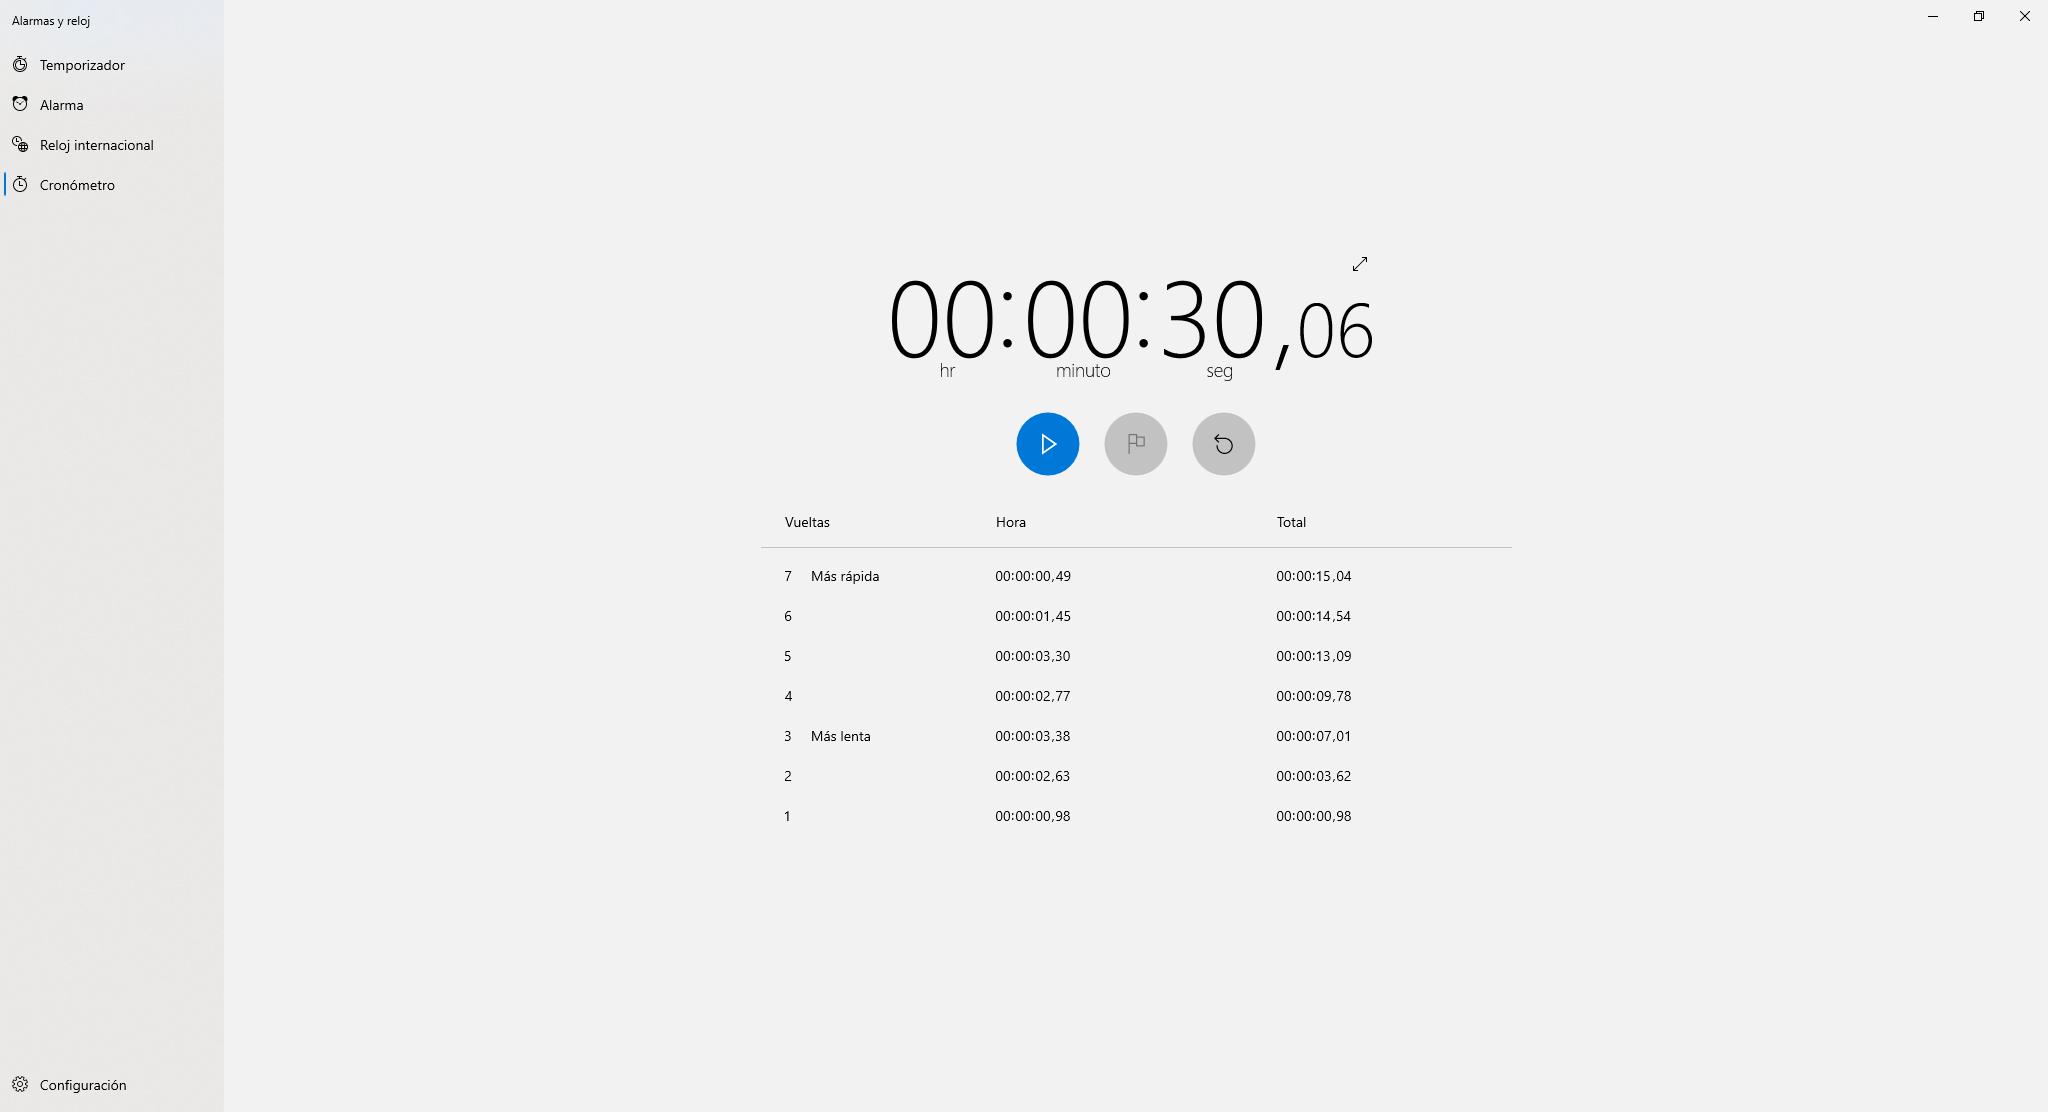 El cronómetro en funcionamiento